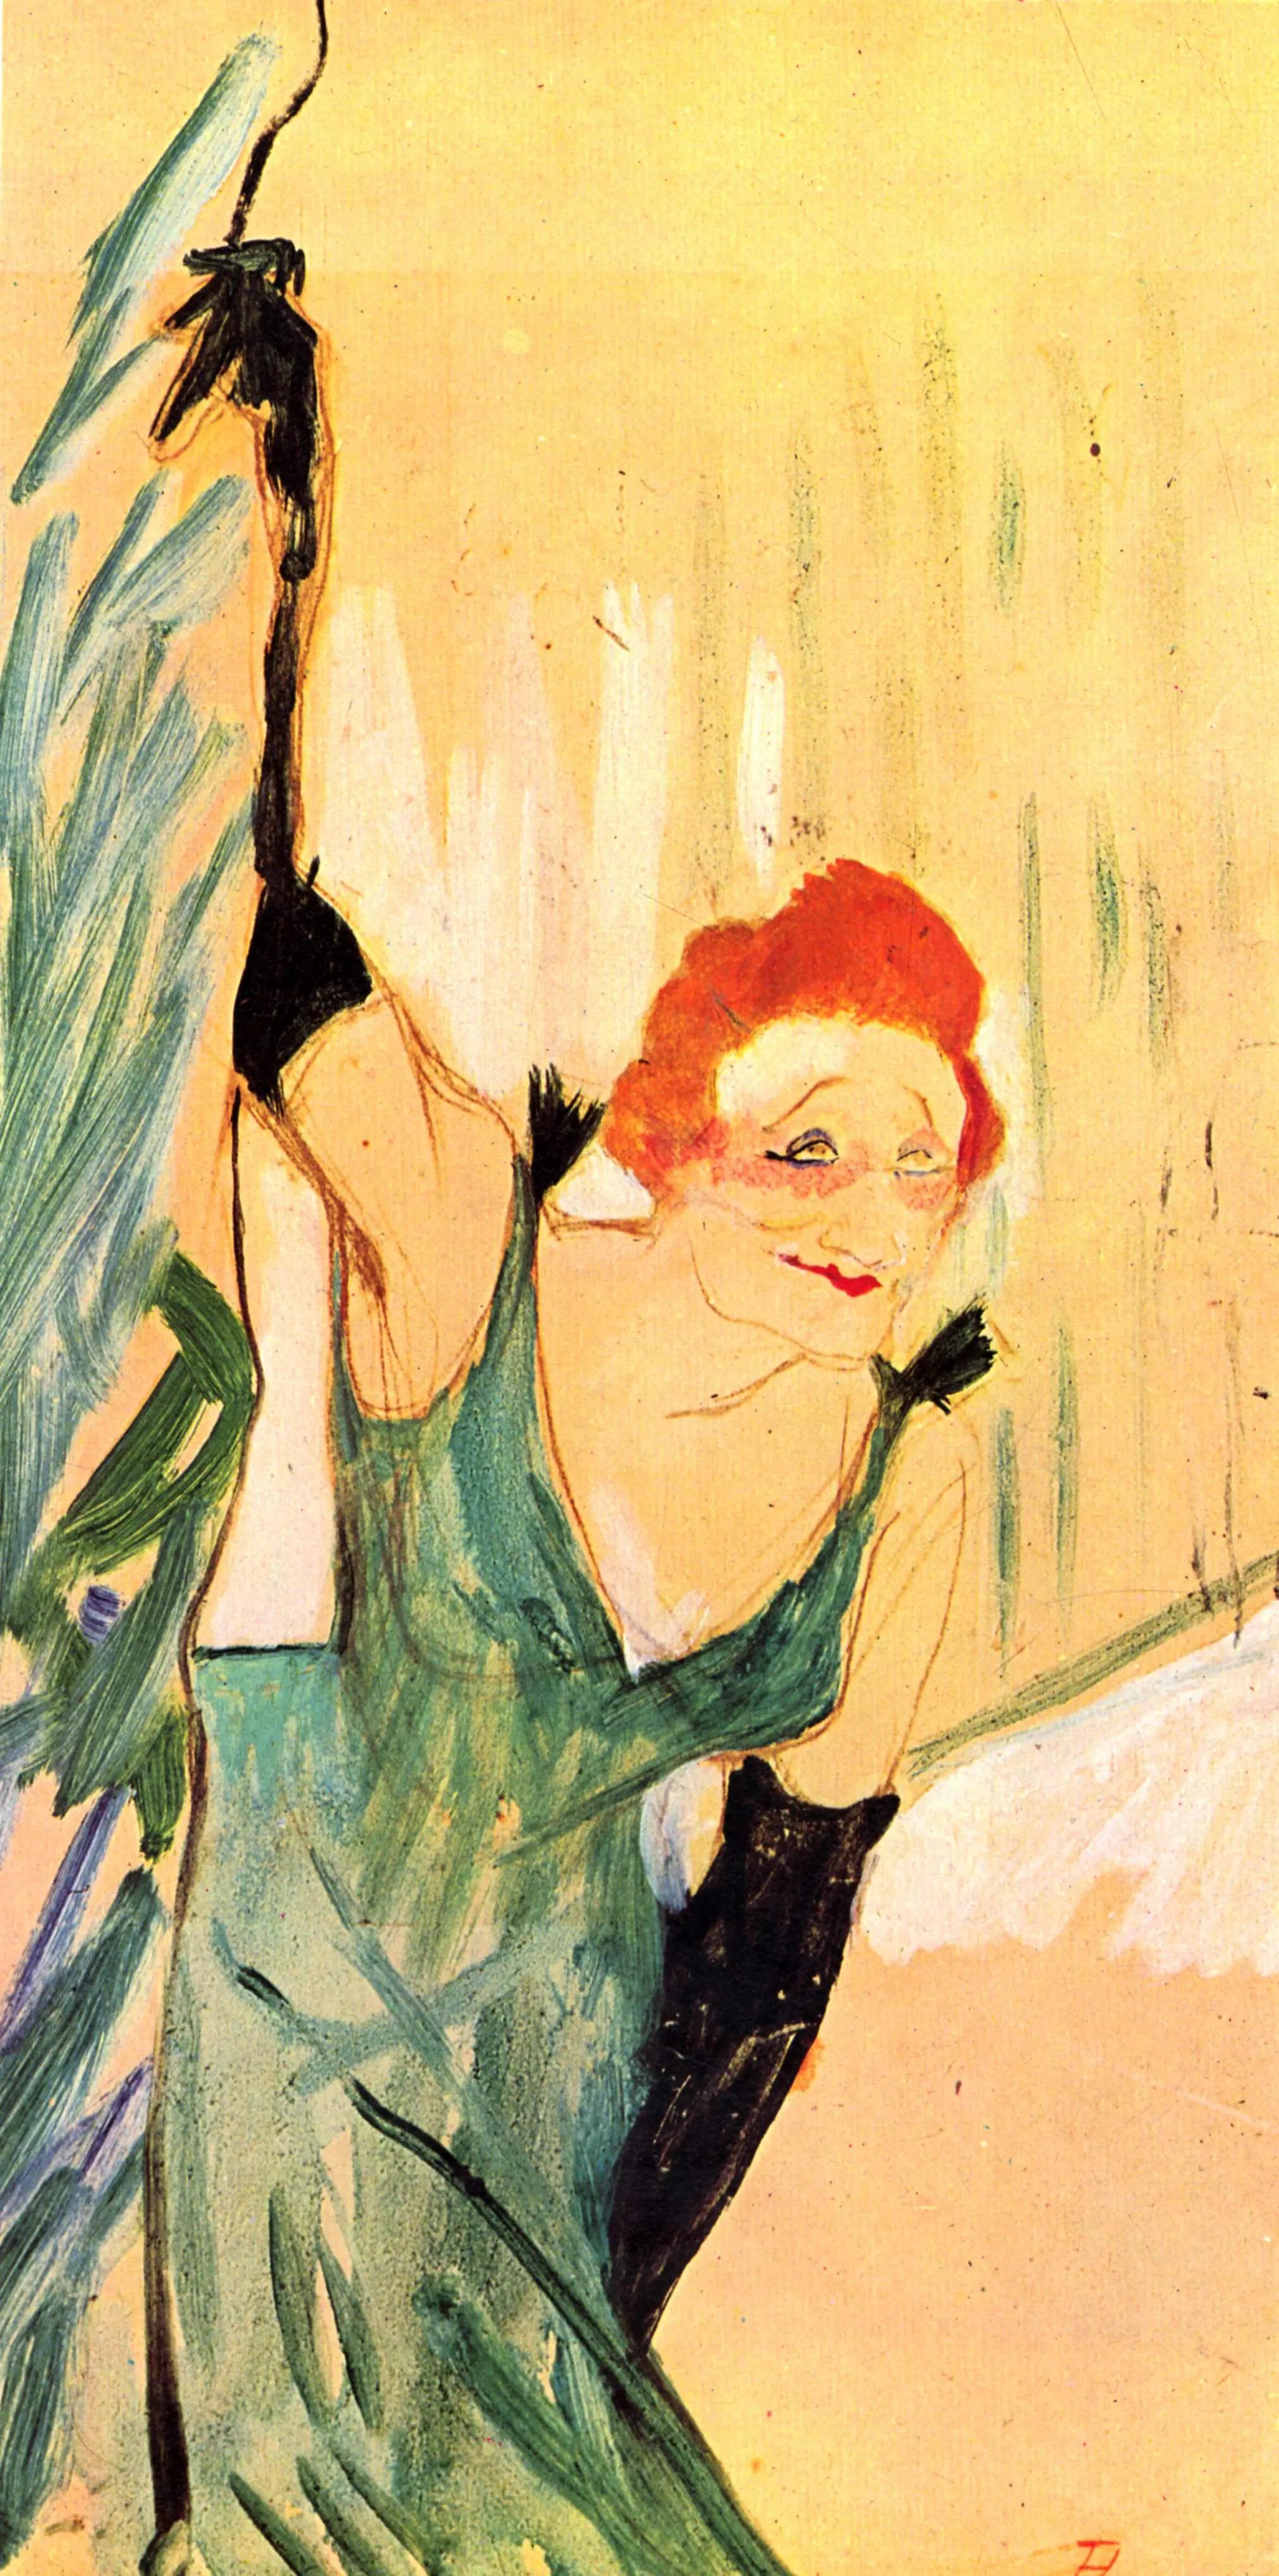 Иветт Гильбер Анри де Тулуз-Лотрек Живопись, 1894, 48 × 28 см